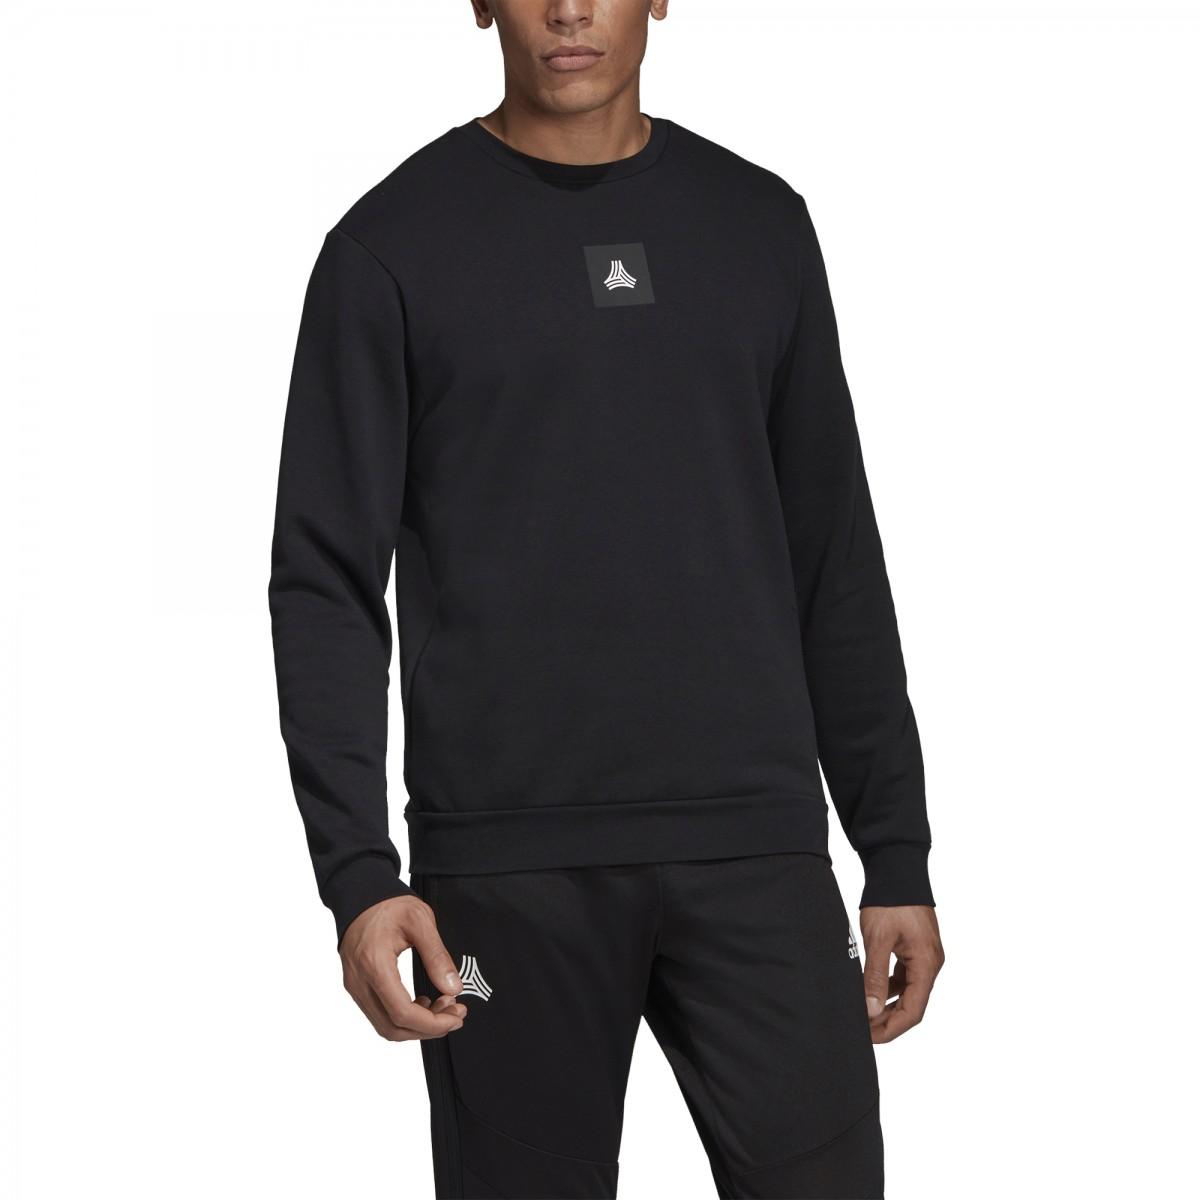 adidas Tango Sweatshirt